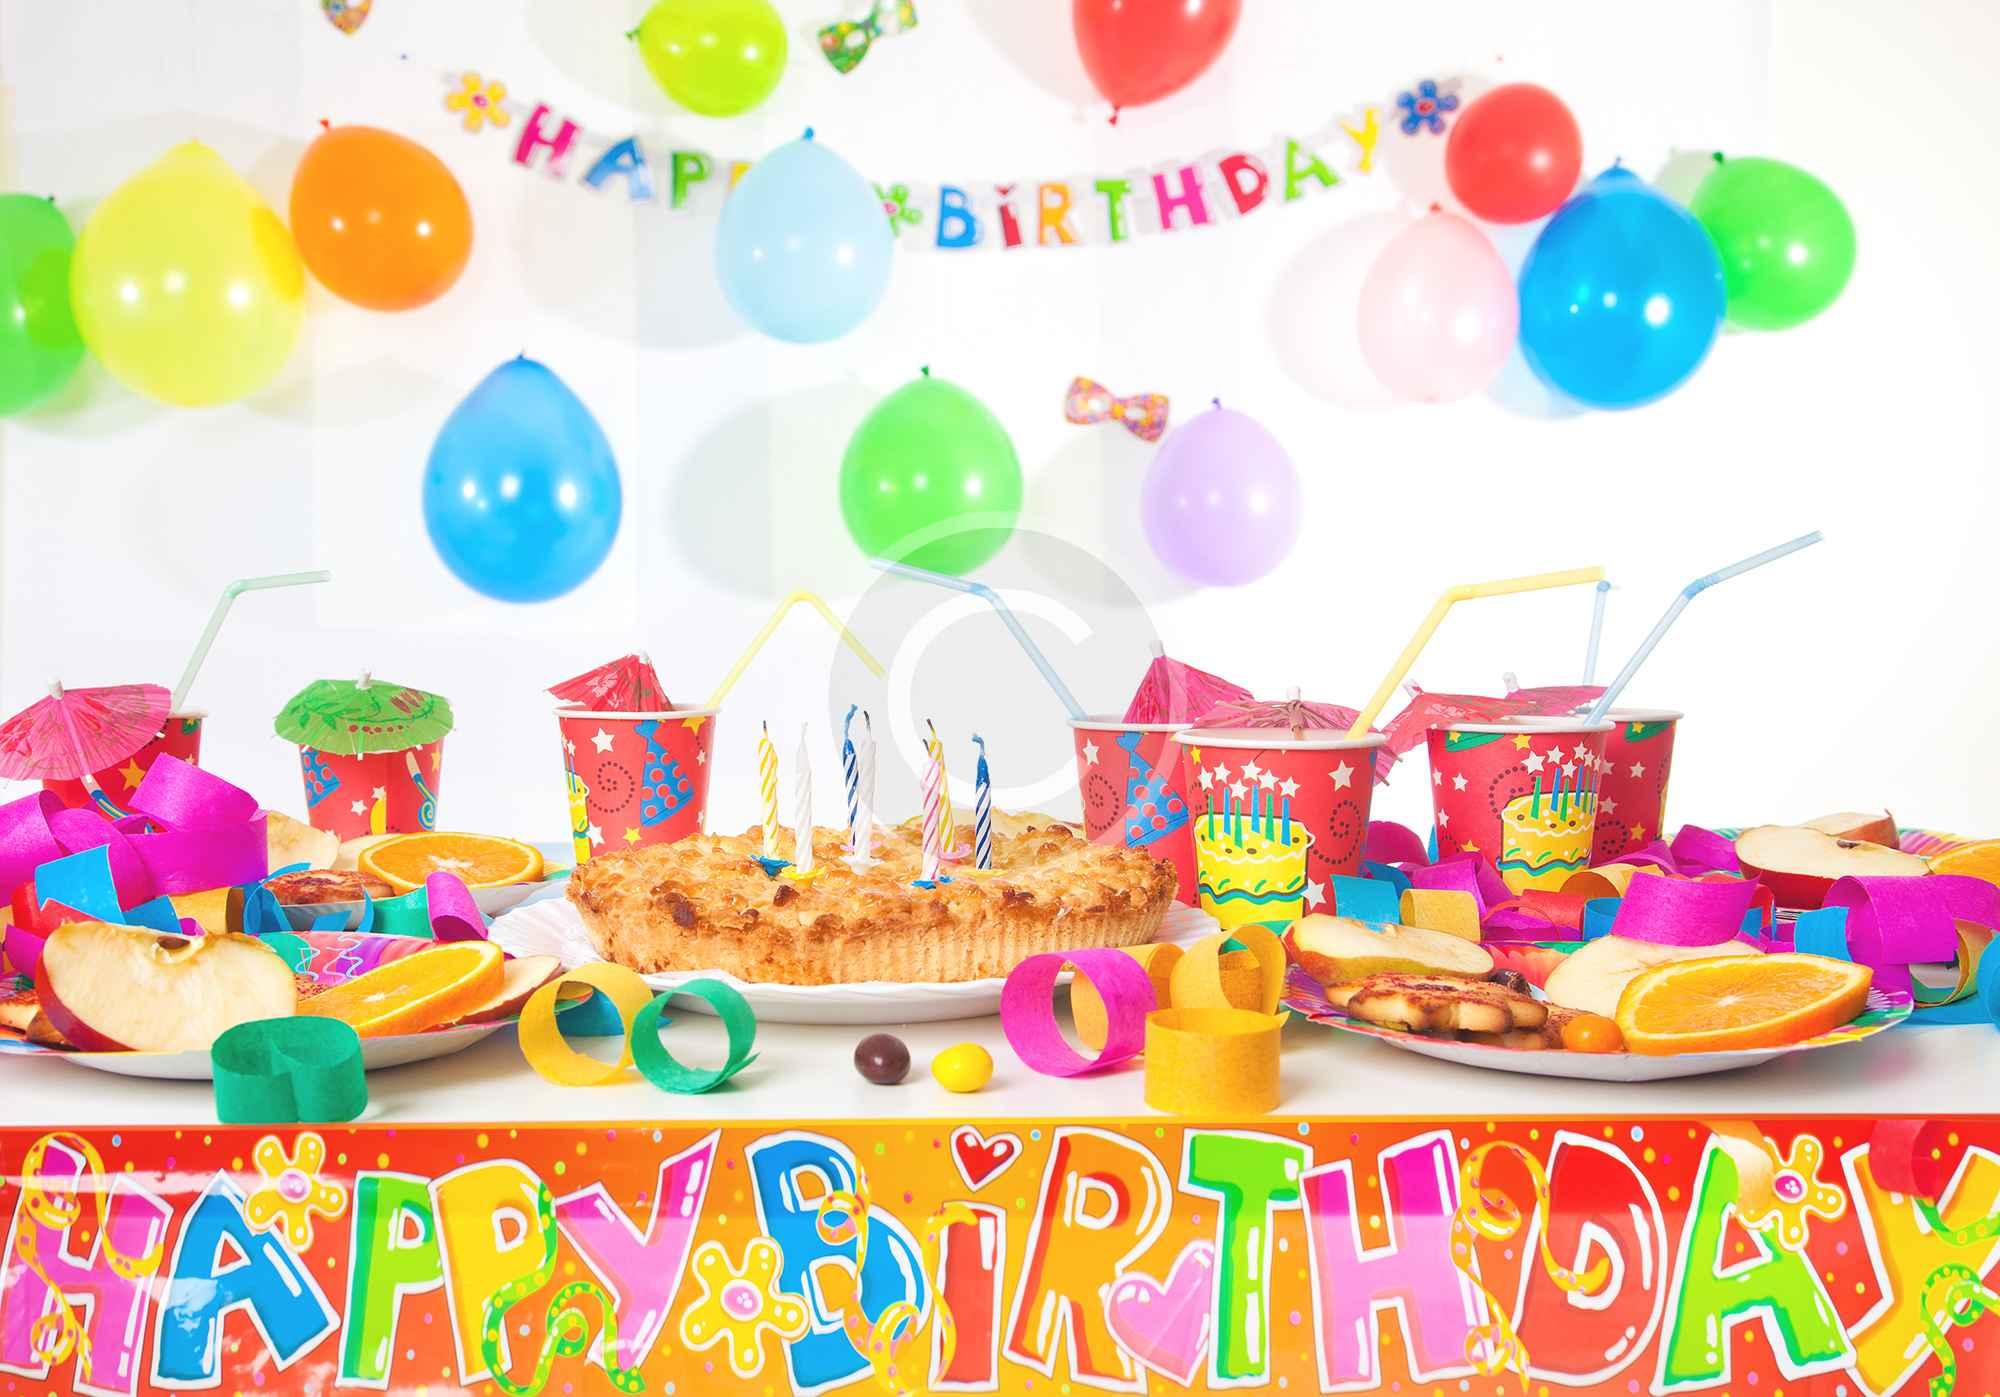 столы на заказ картинки с днем рождения под конец